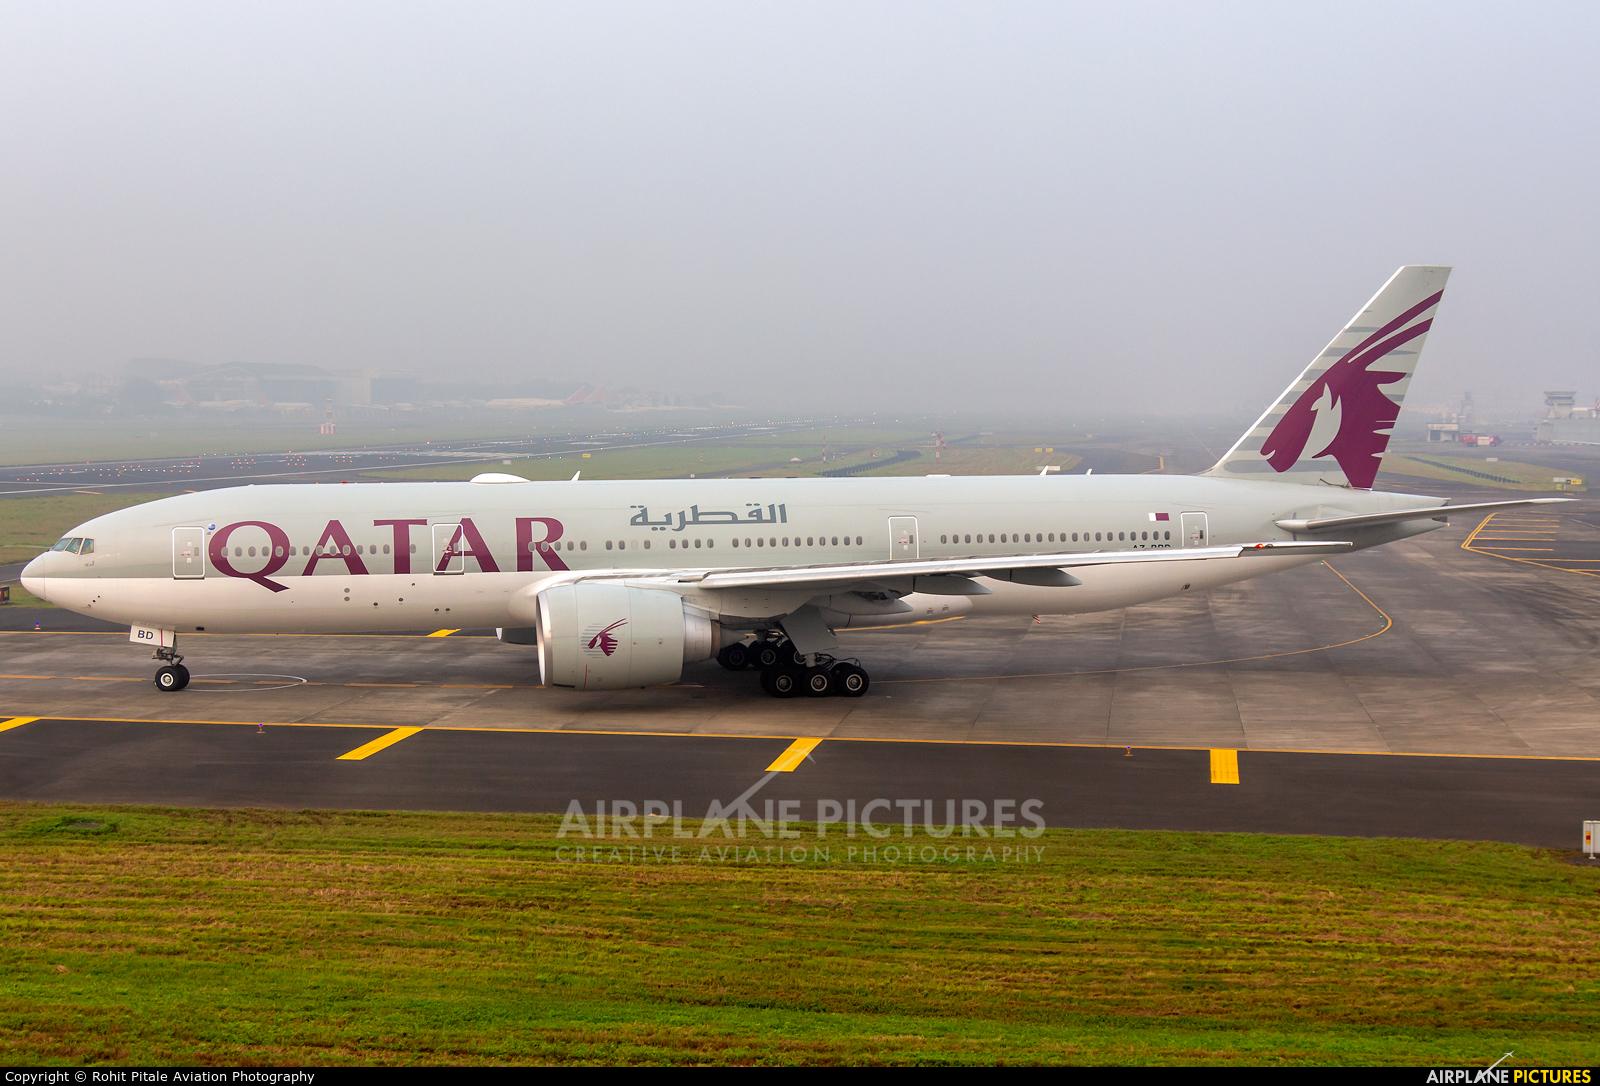 Qatar Airways A7-BBD aircraft at Mumbai - Chhatrapati Shivaji Intl